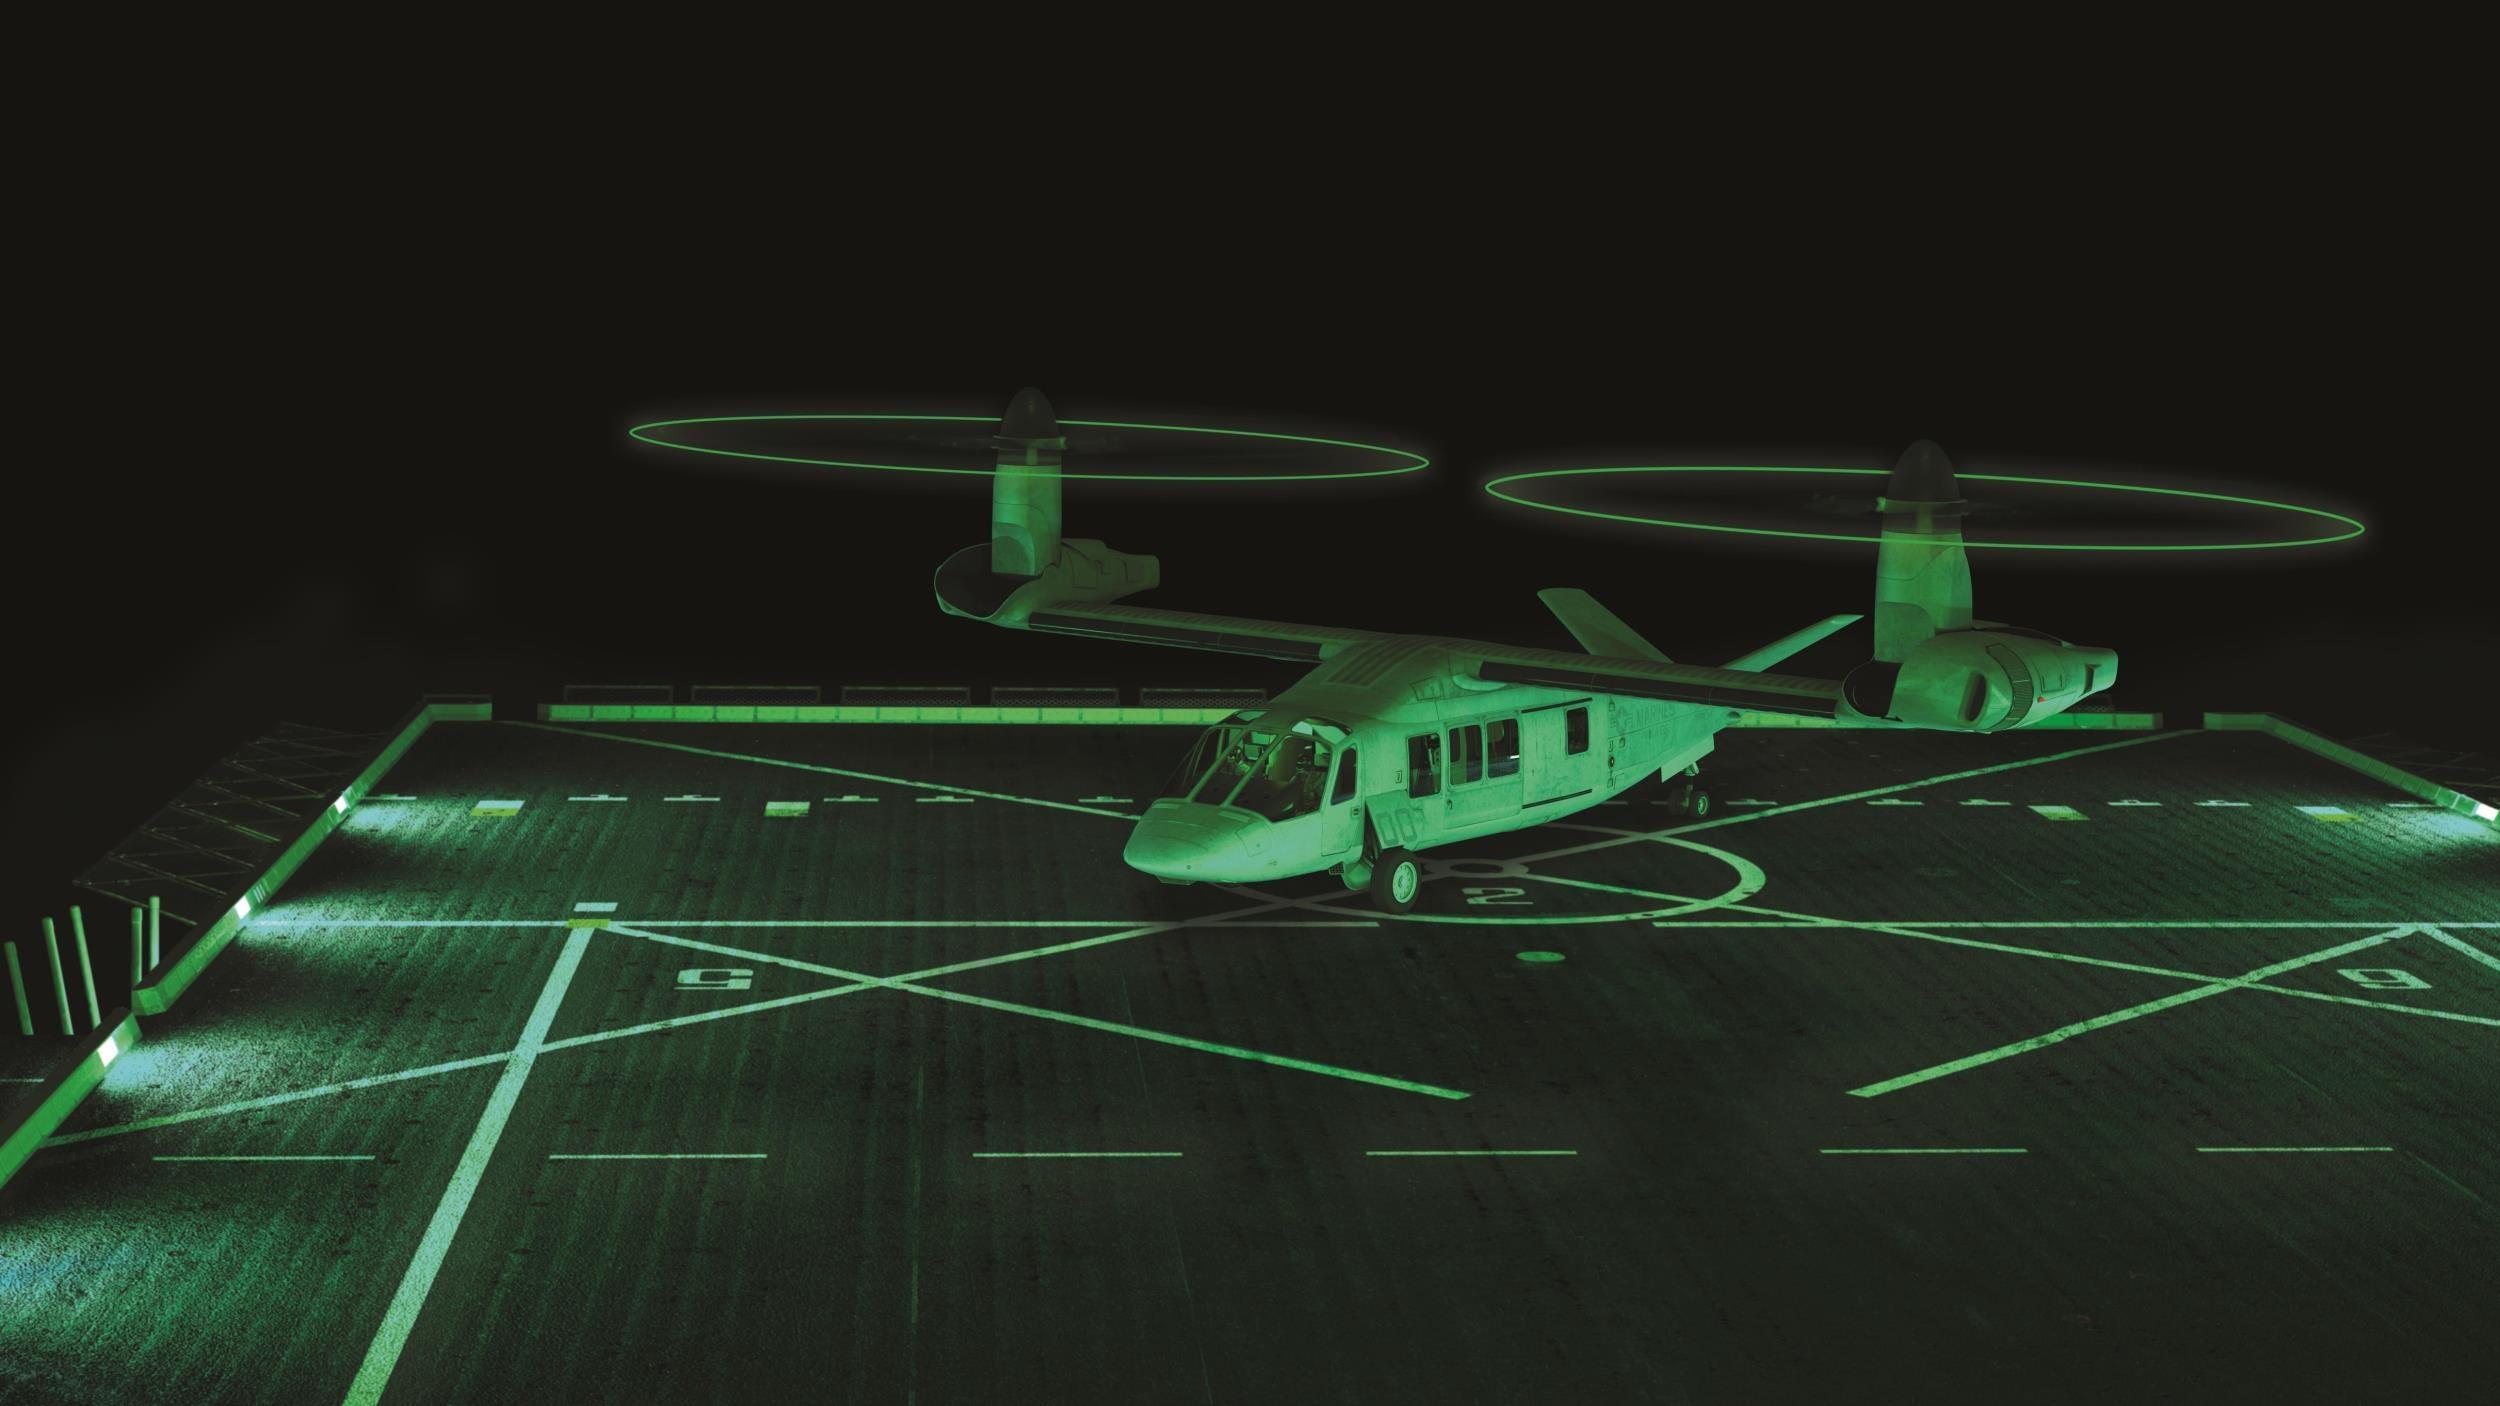 FLRAA Bell V-280 Valor